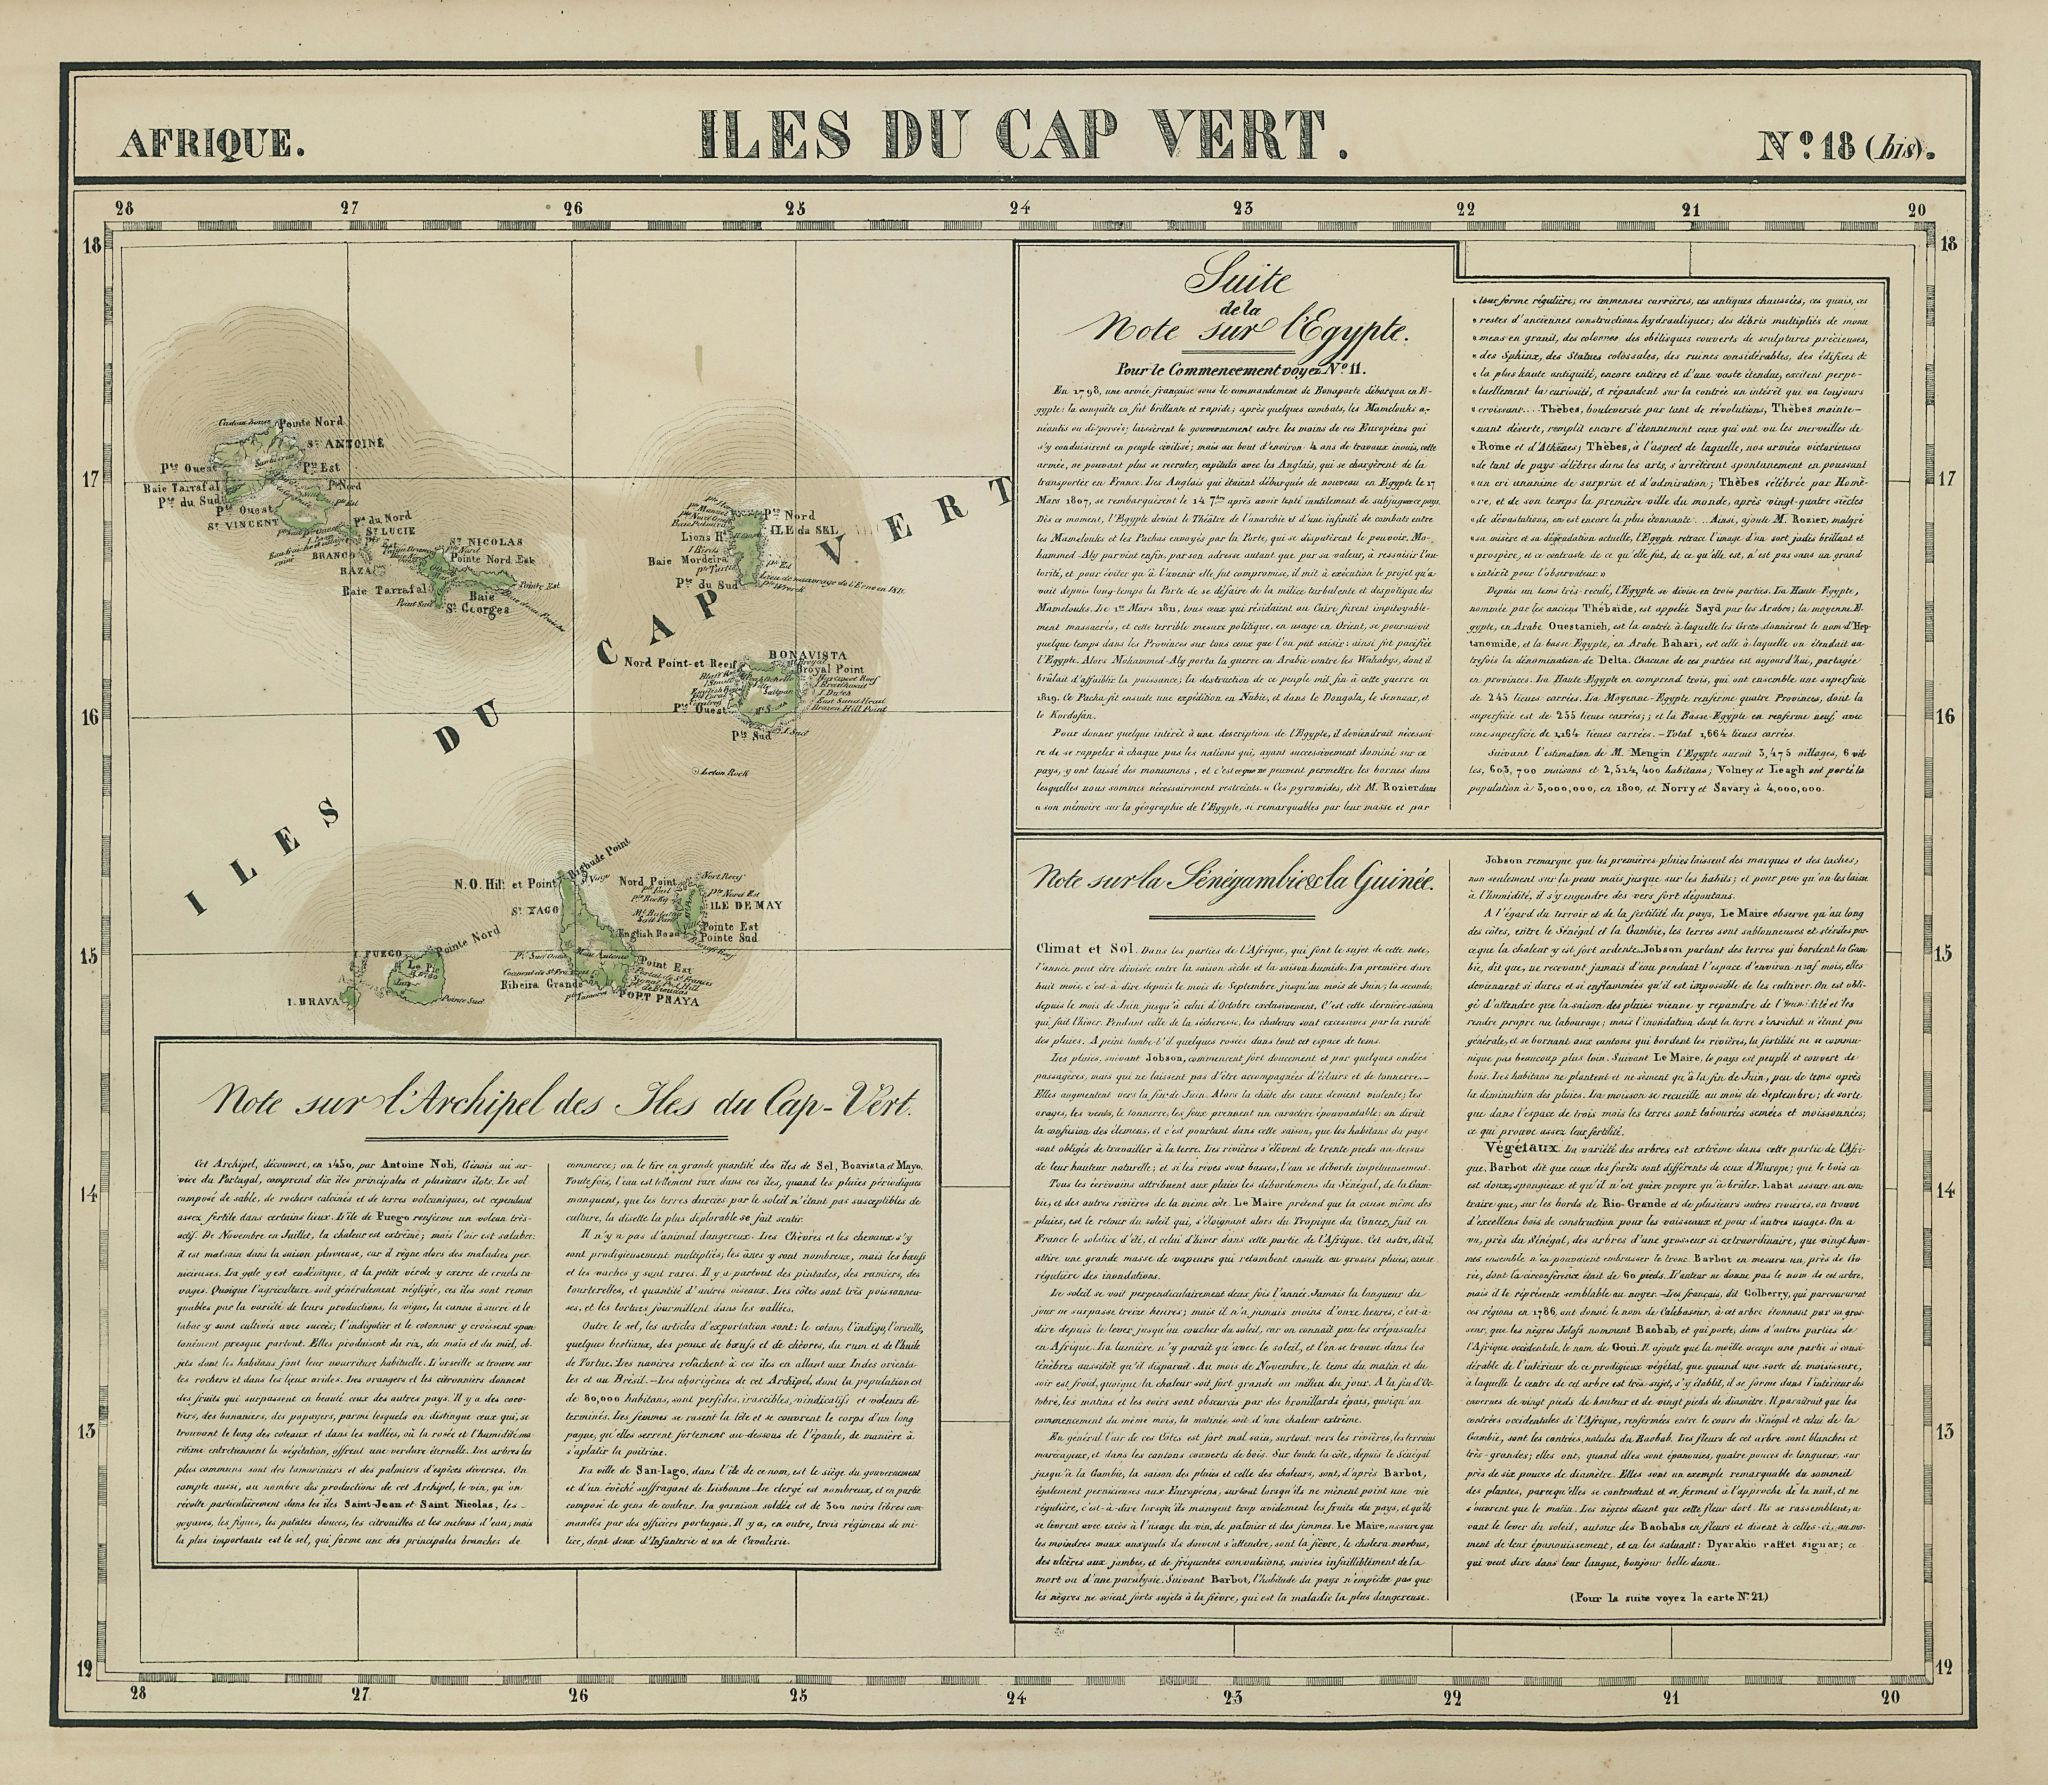 Afrique. Iles du Cap Vert #18 bis. Cape Verde Islands. VANDERMAELEN 1827 map